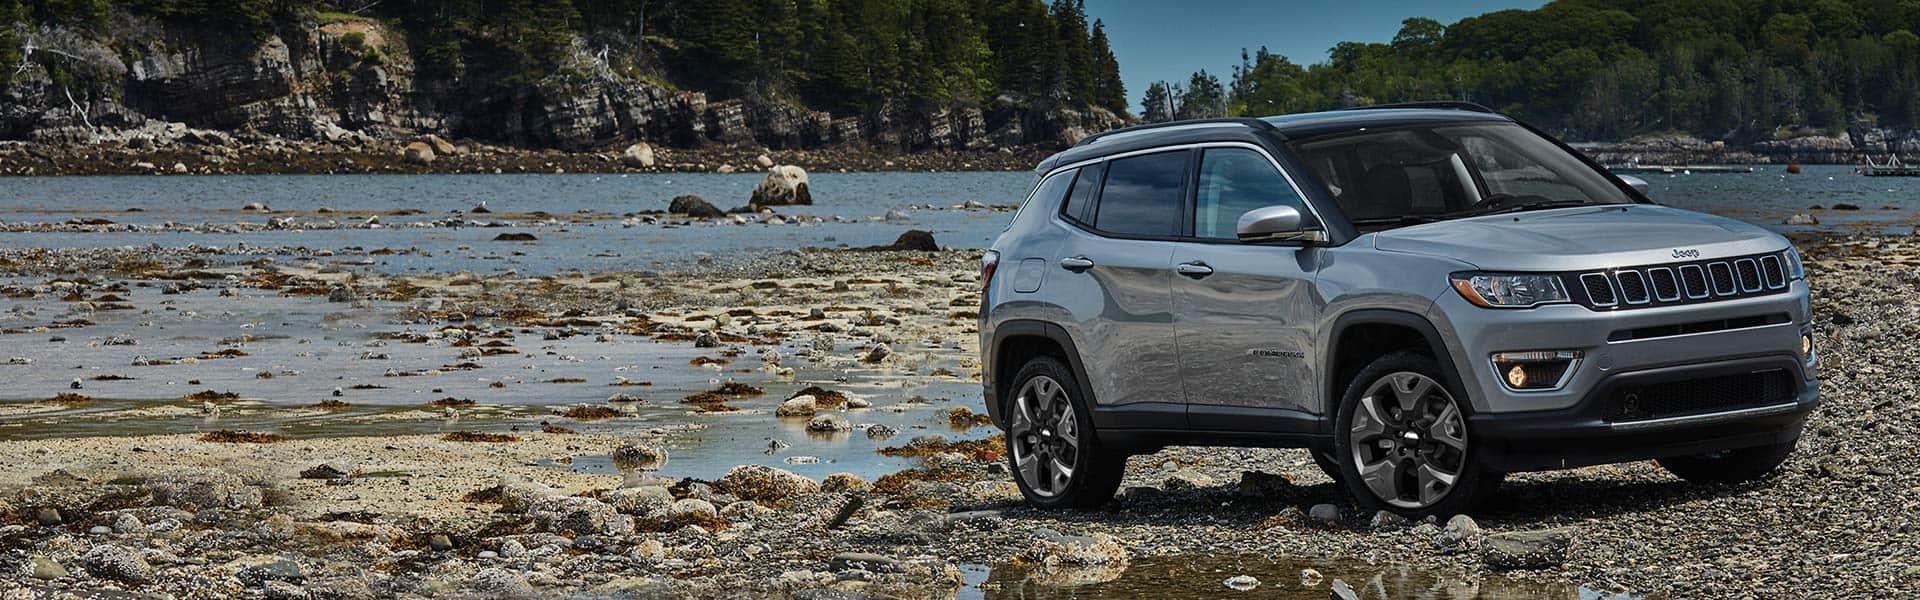 Un Jeep Compass Limited 2021 plateado estacionado sobre una costa rocosa rodeado de bosque.